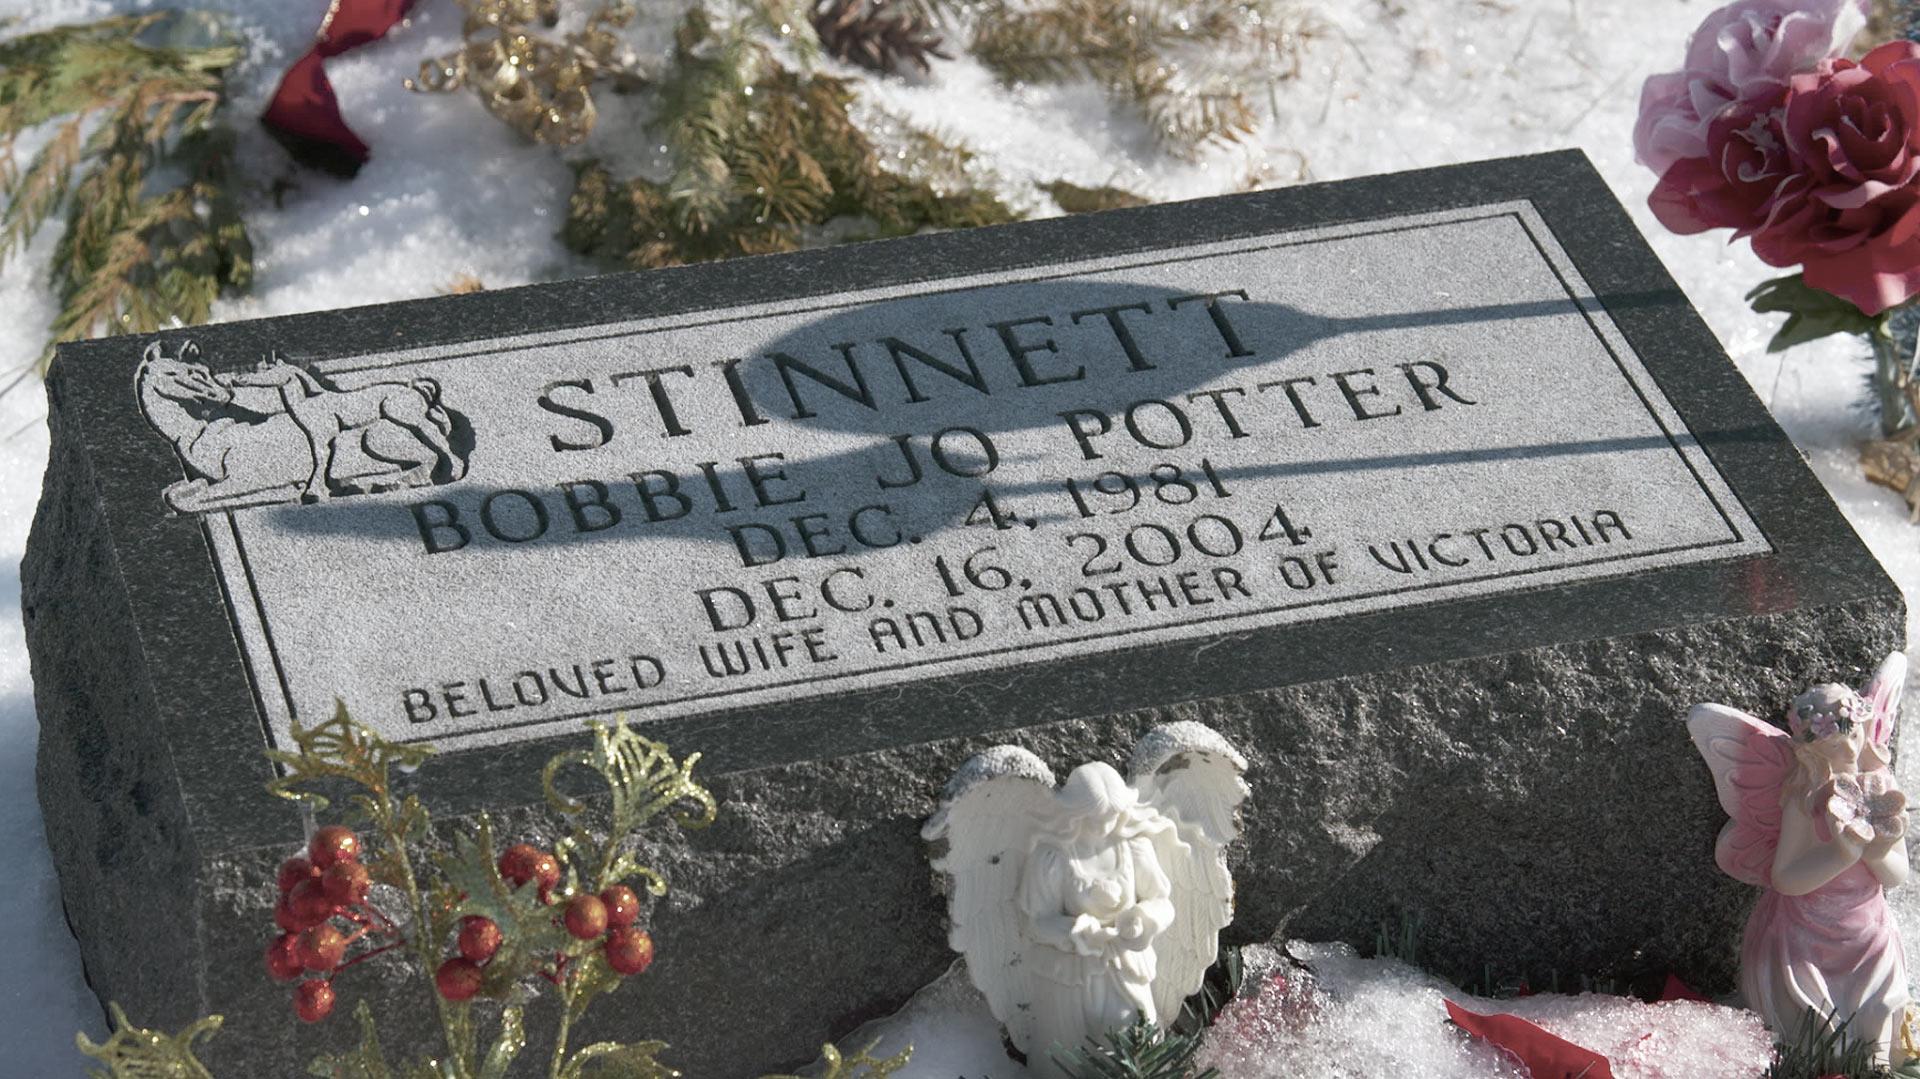 Bobbie Jo Stinnett's grave